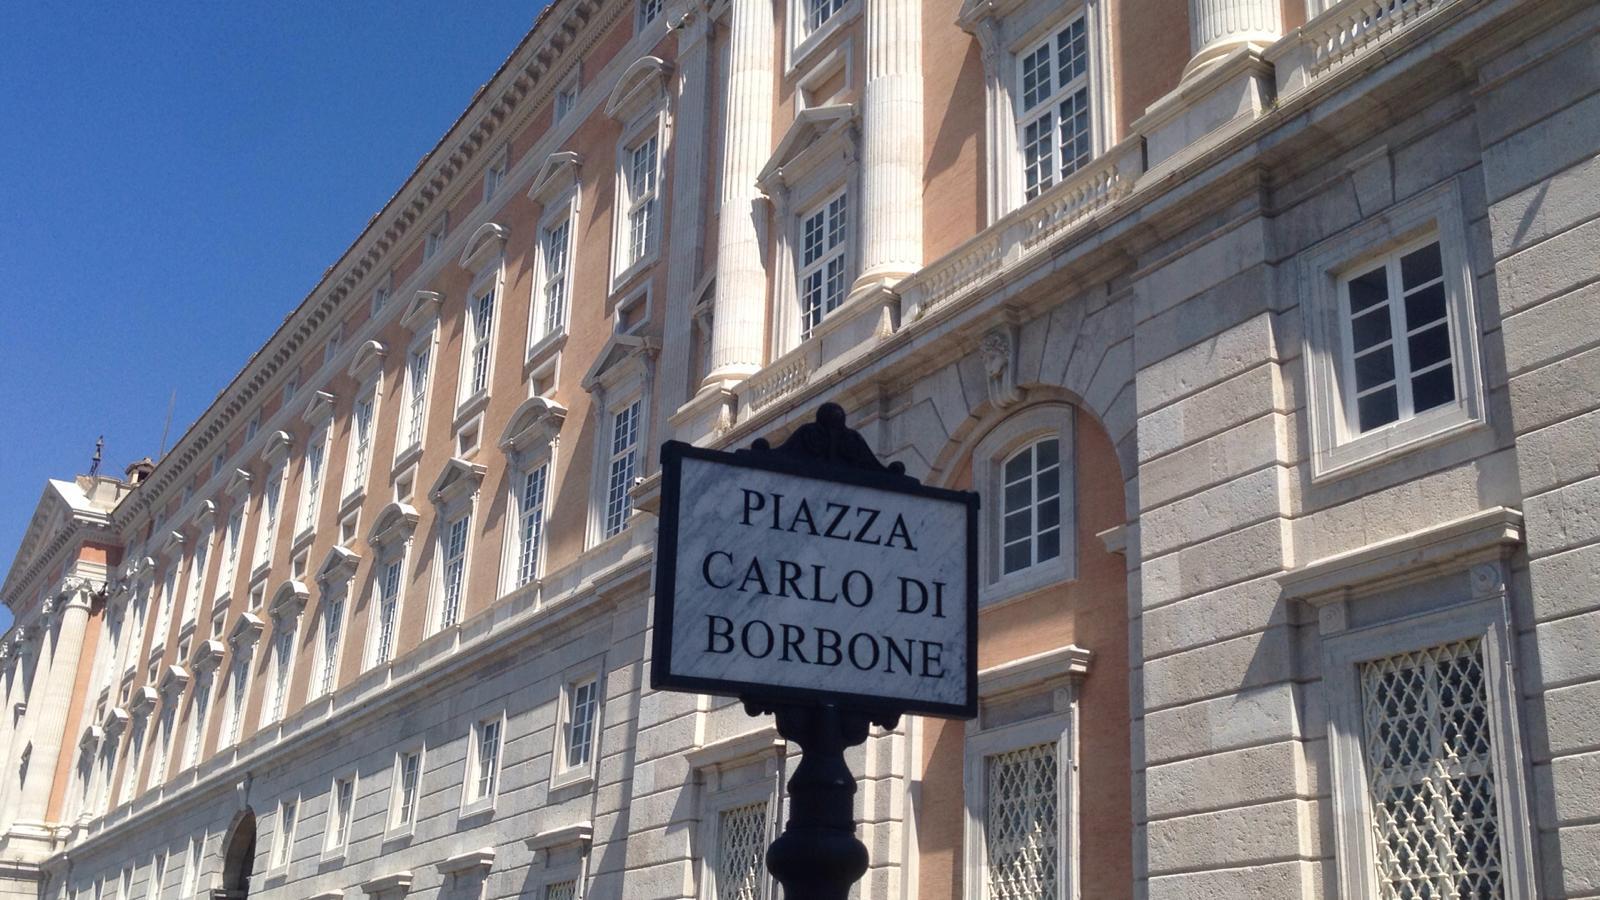 Caserta, non più Piazza Carlo III ma Piazza Carlo di Borbone